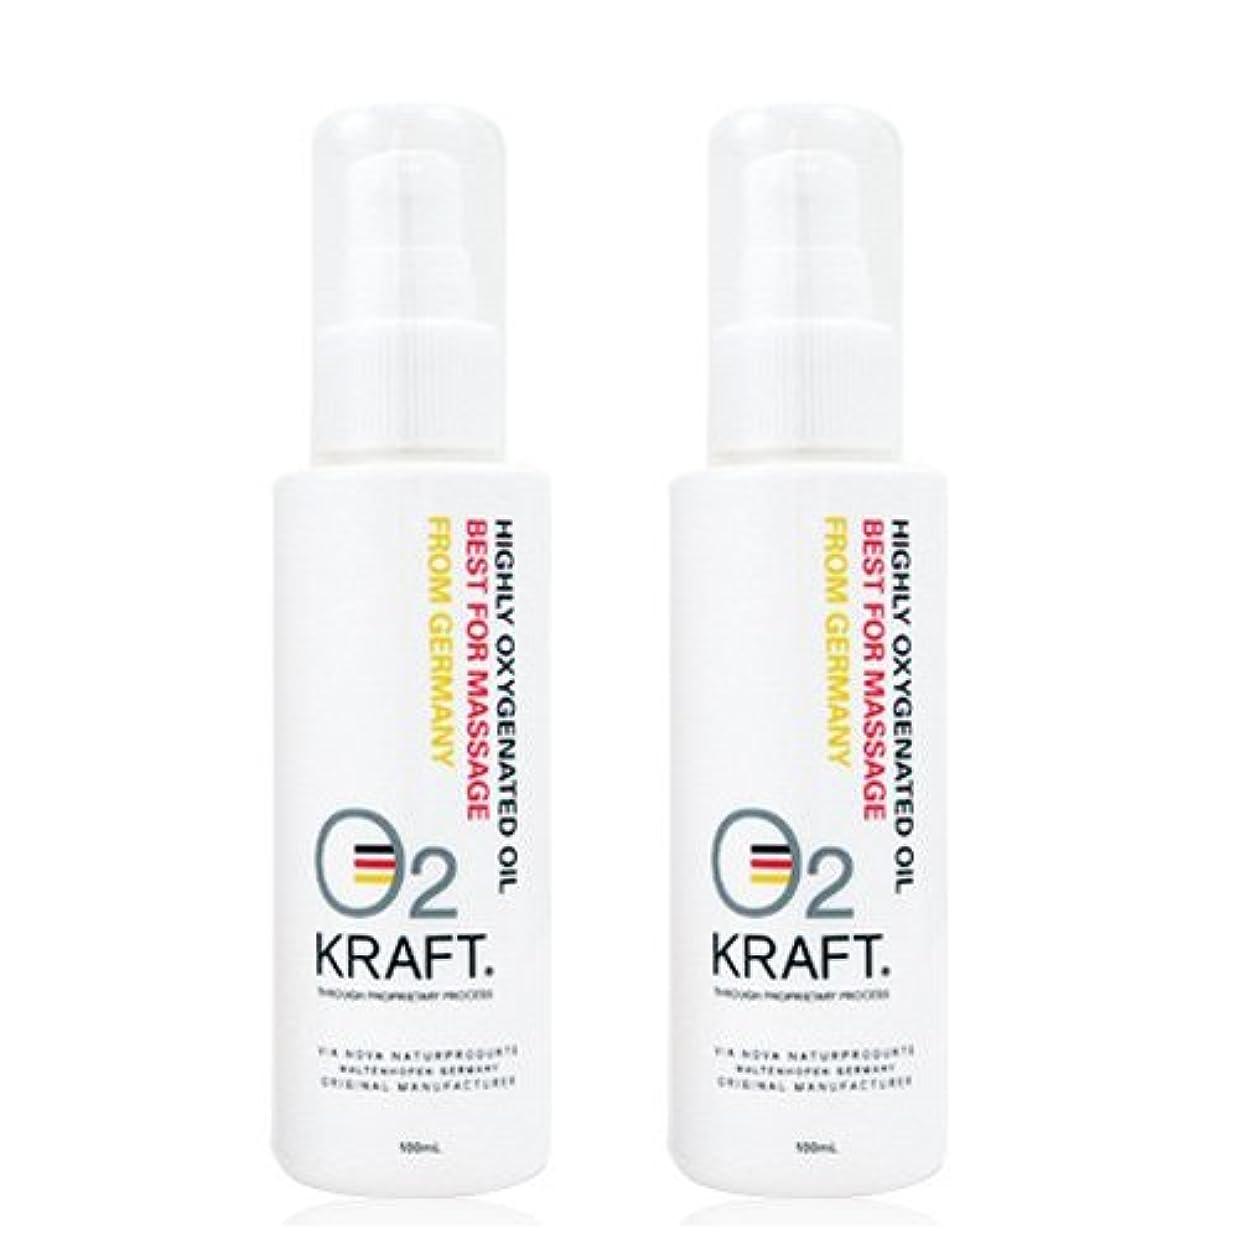 塩辛い類似性激怒オーツークラフト(O2 KRAFT) 100ml【2本セット】